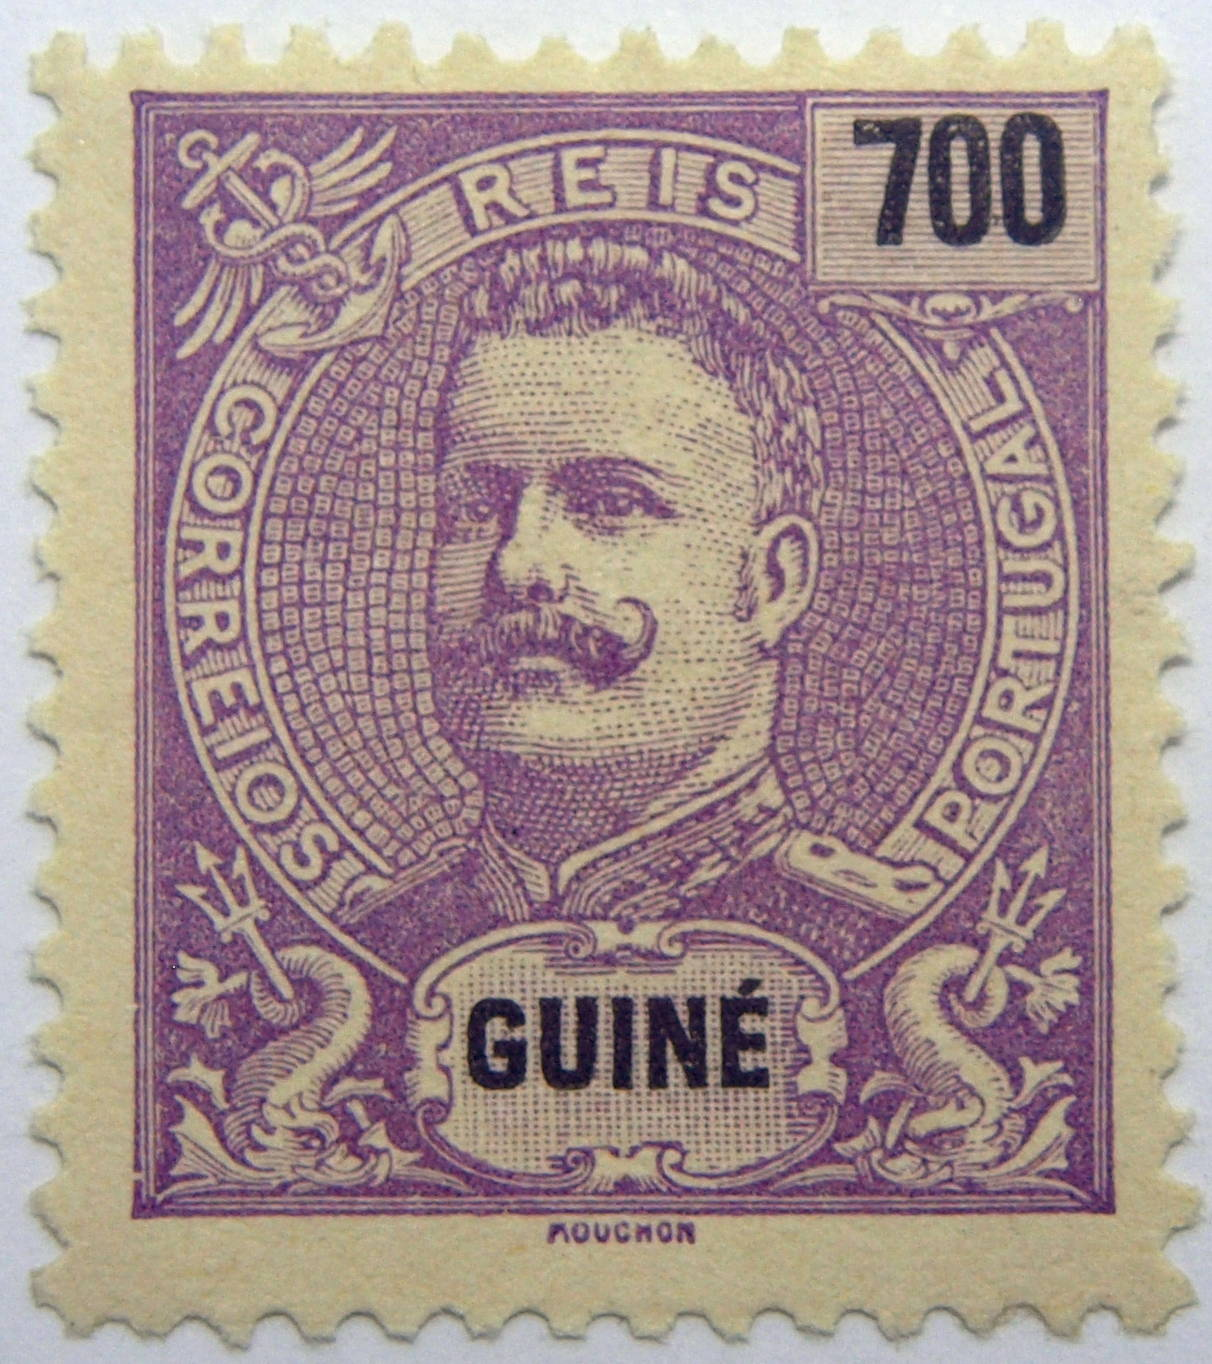 Portuguese Guinea stamps